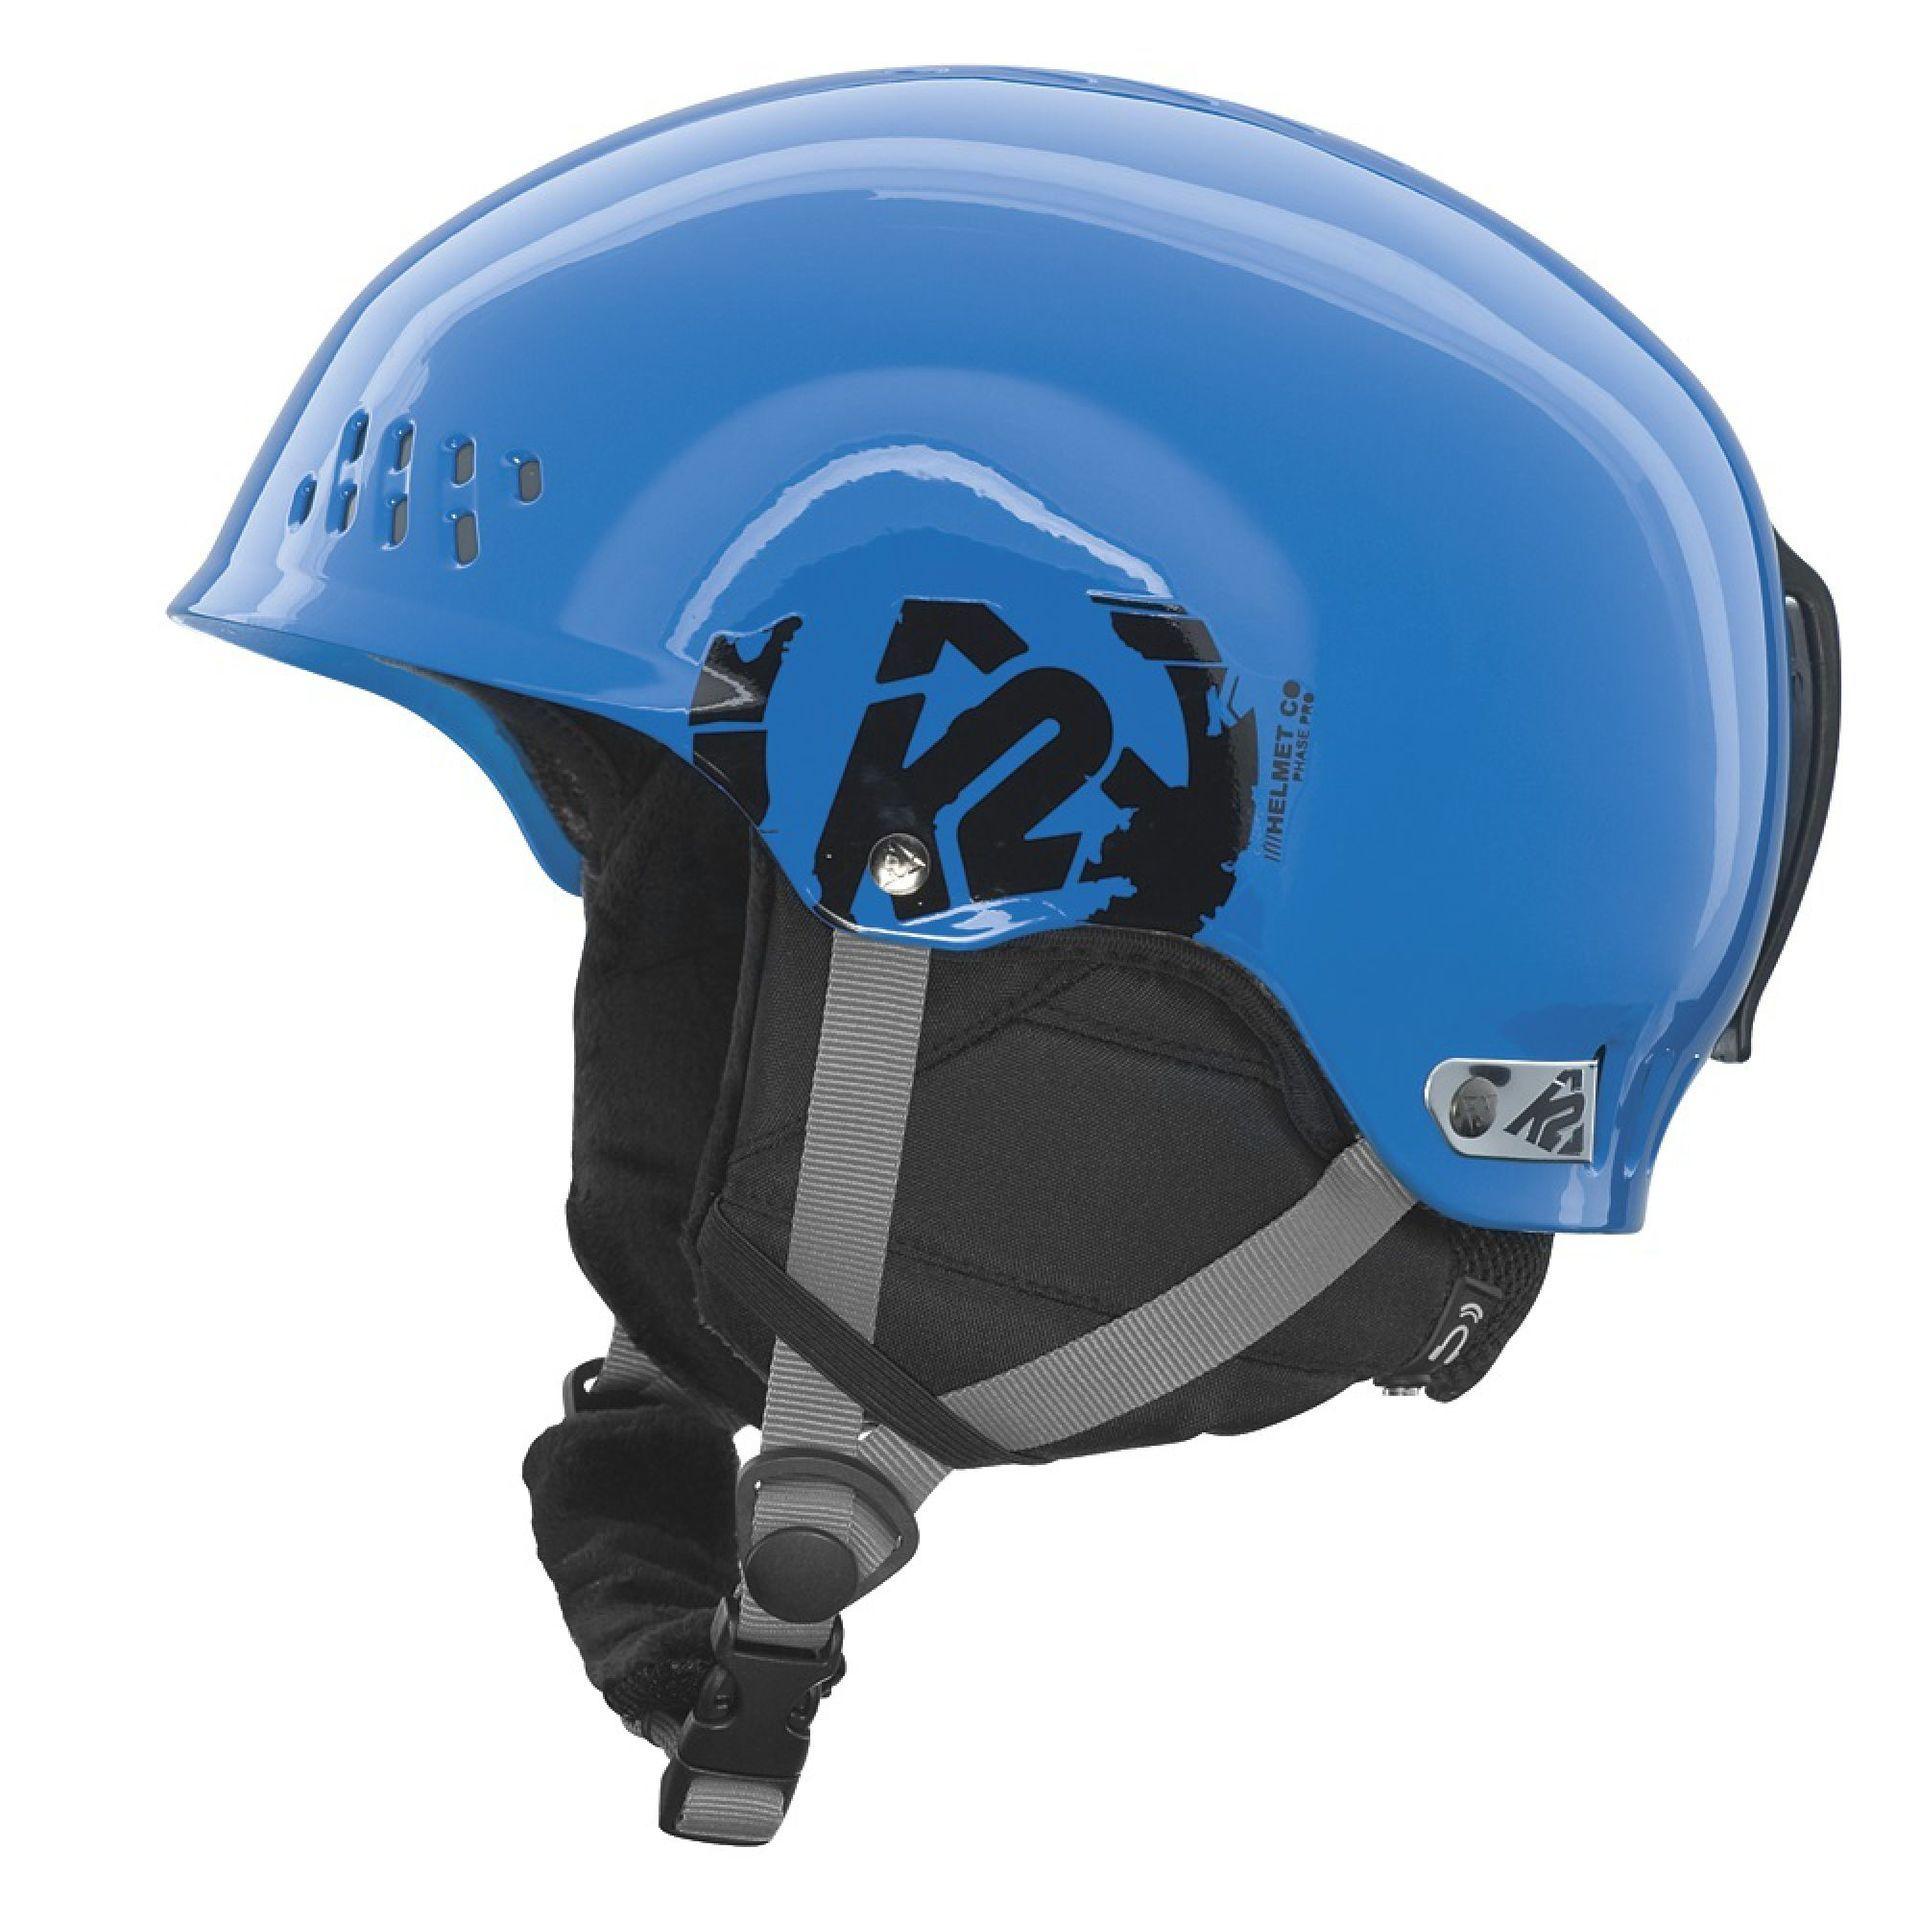 KASK K2 PHASE PRO BLUE